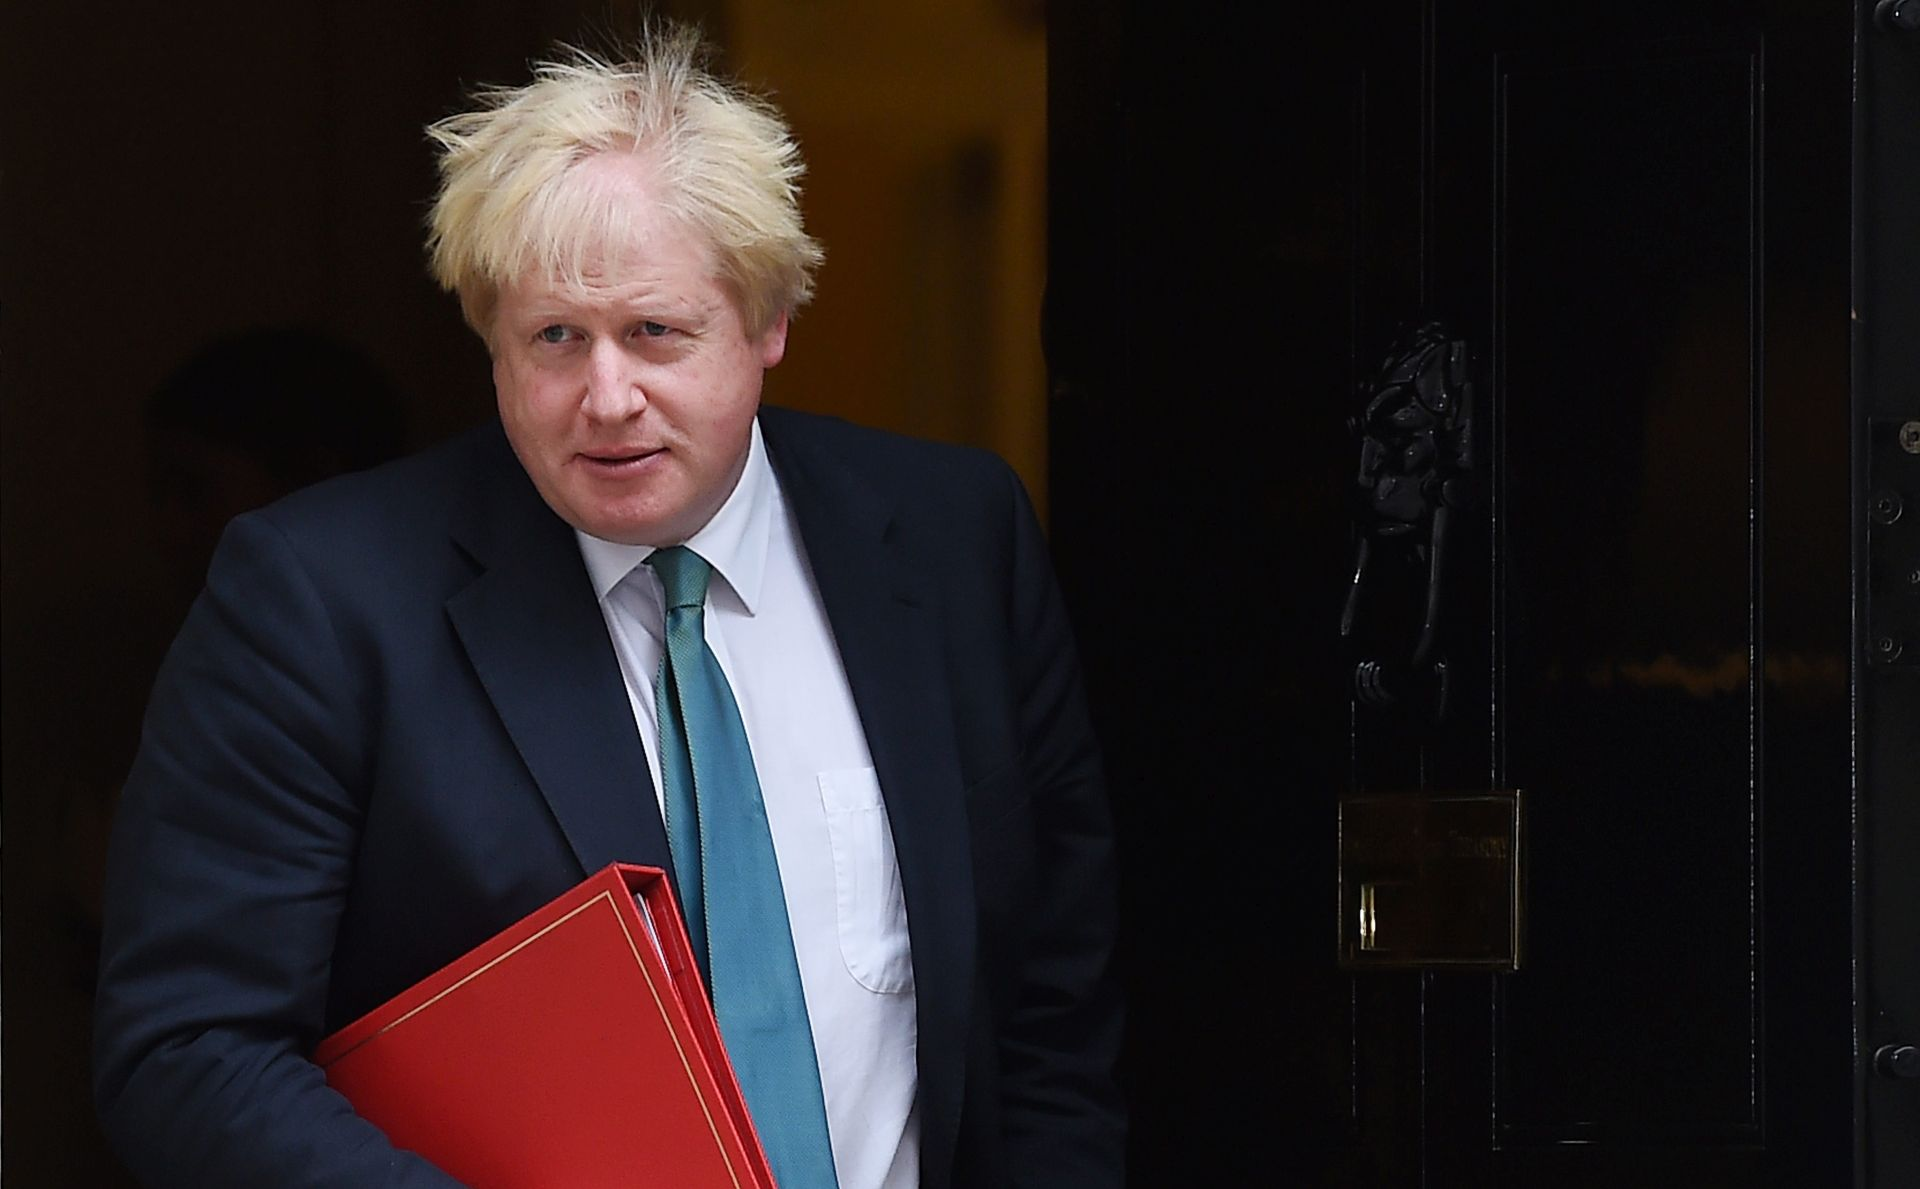 Boris Johnson prije Brexita napisao kolumnu za ostanak u Europskoj uniji